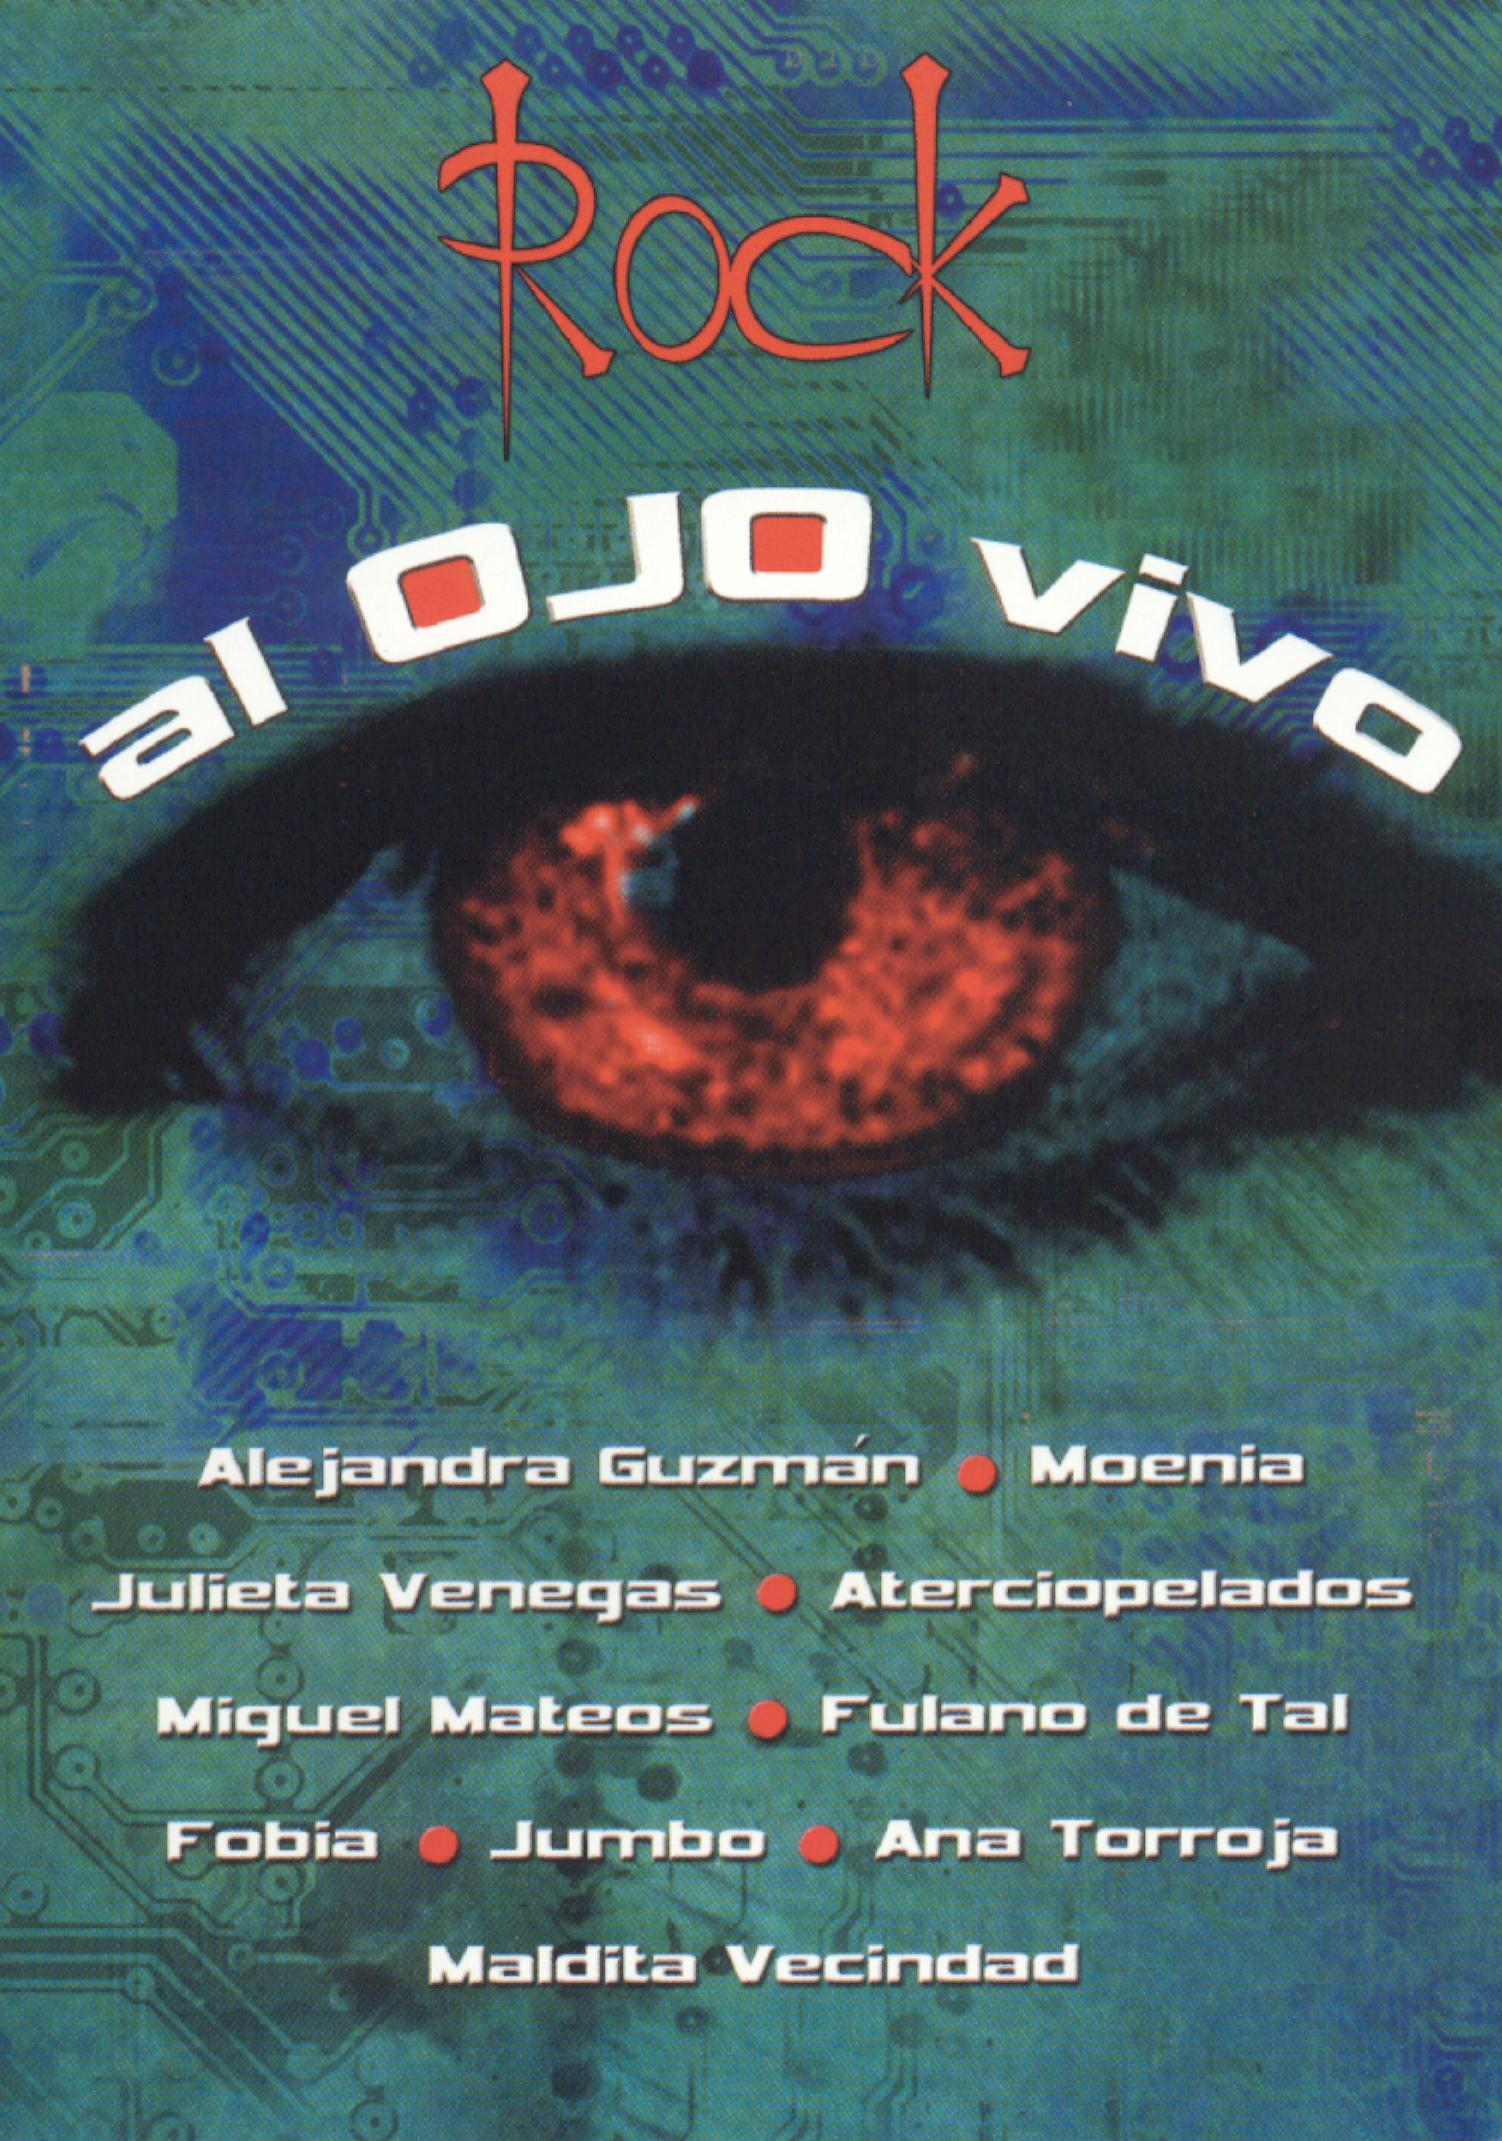 Rock Al Ojo Vivo